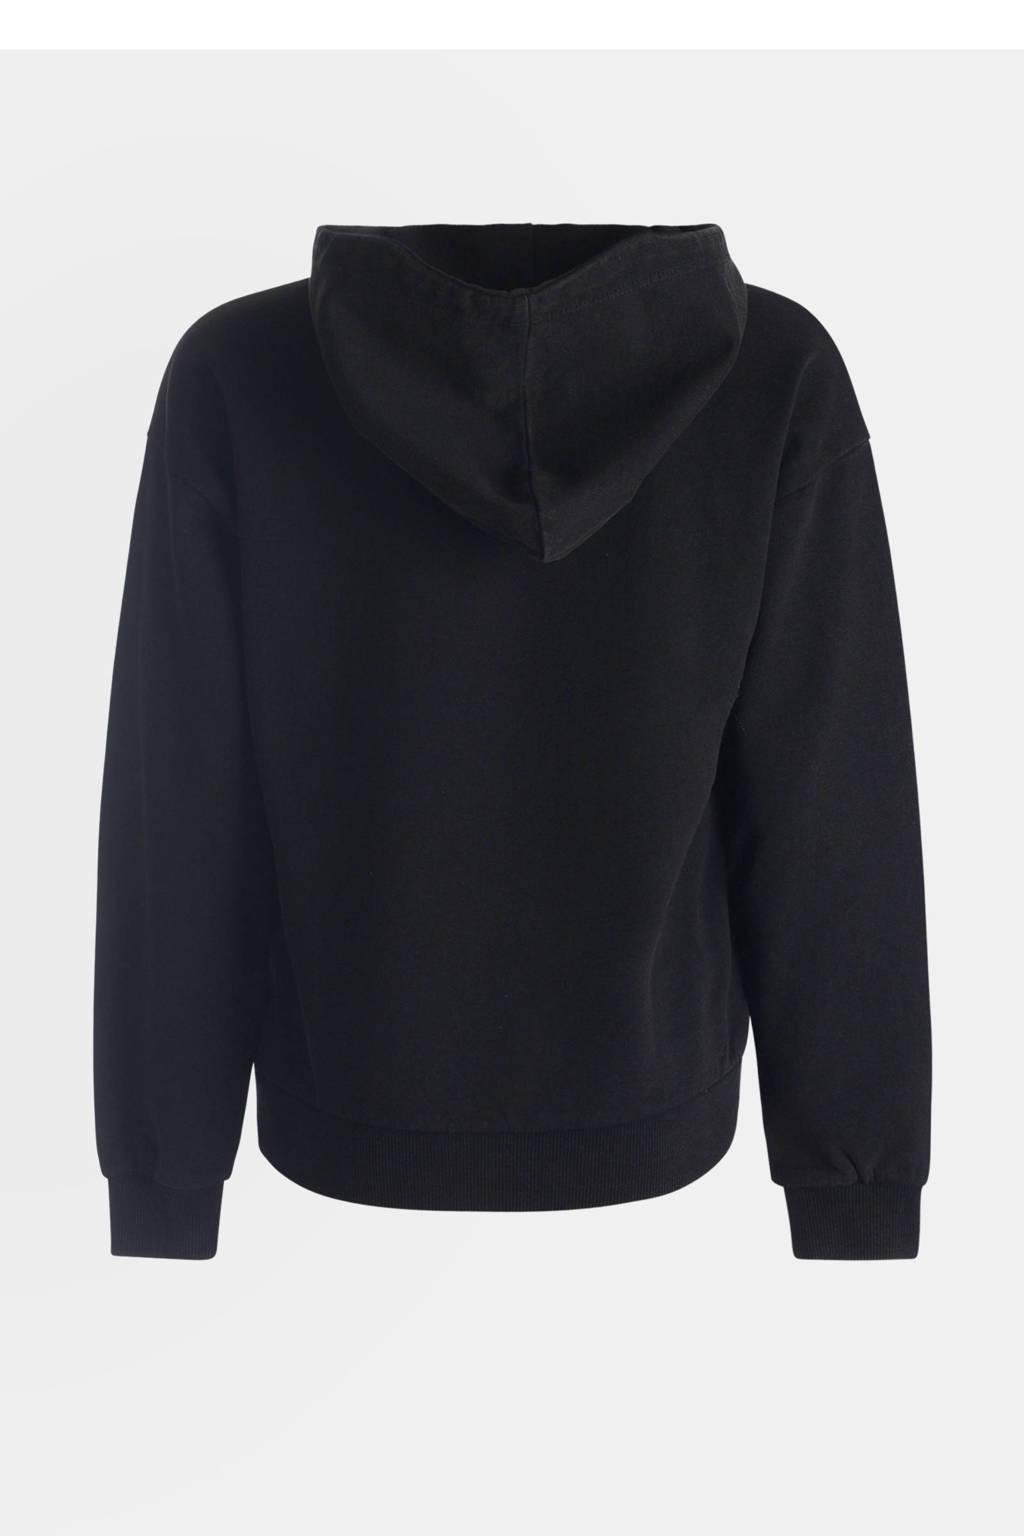 JILL MITCH hoodie Tirsa met printopdruk zwart, Zwart